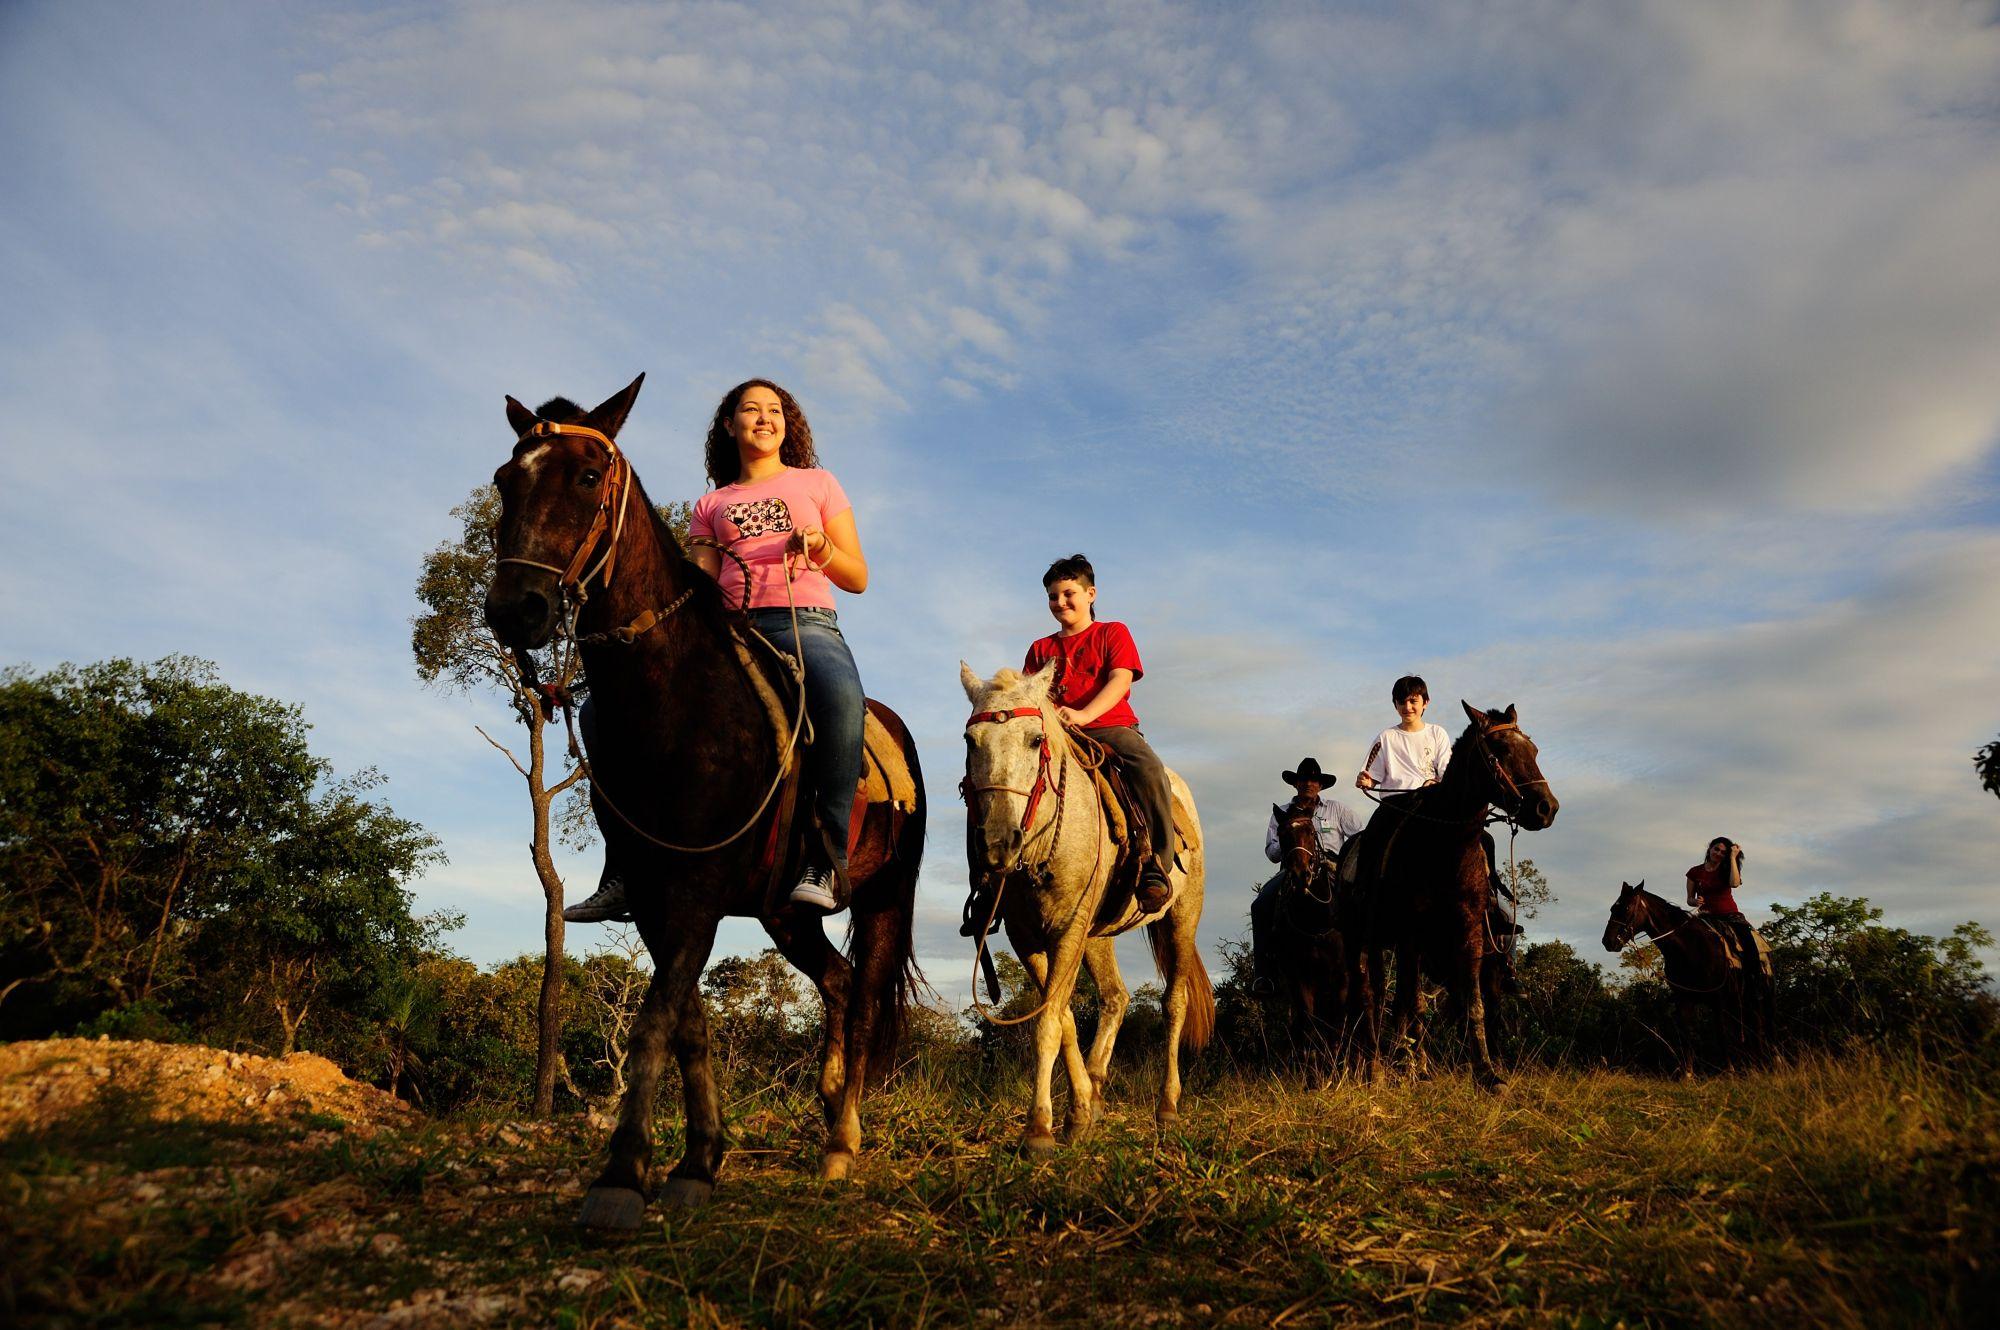 Passeio_a_cavalo_-_Horseback_riding_at_Esta?ncia_Mimosa_-_Beto_Nascimento3